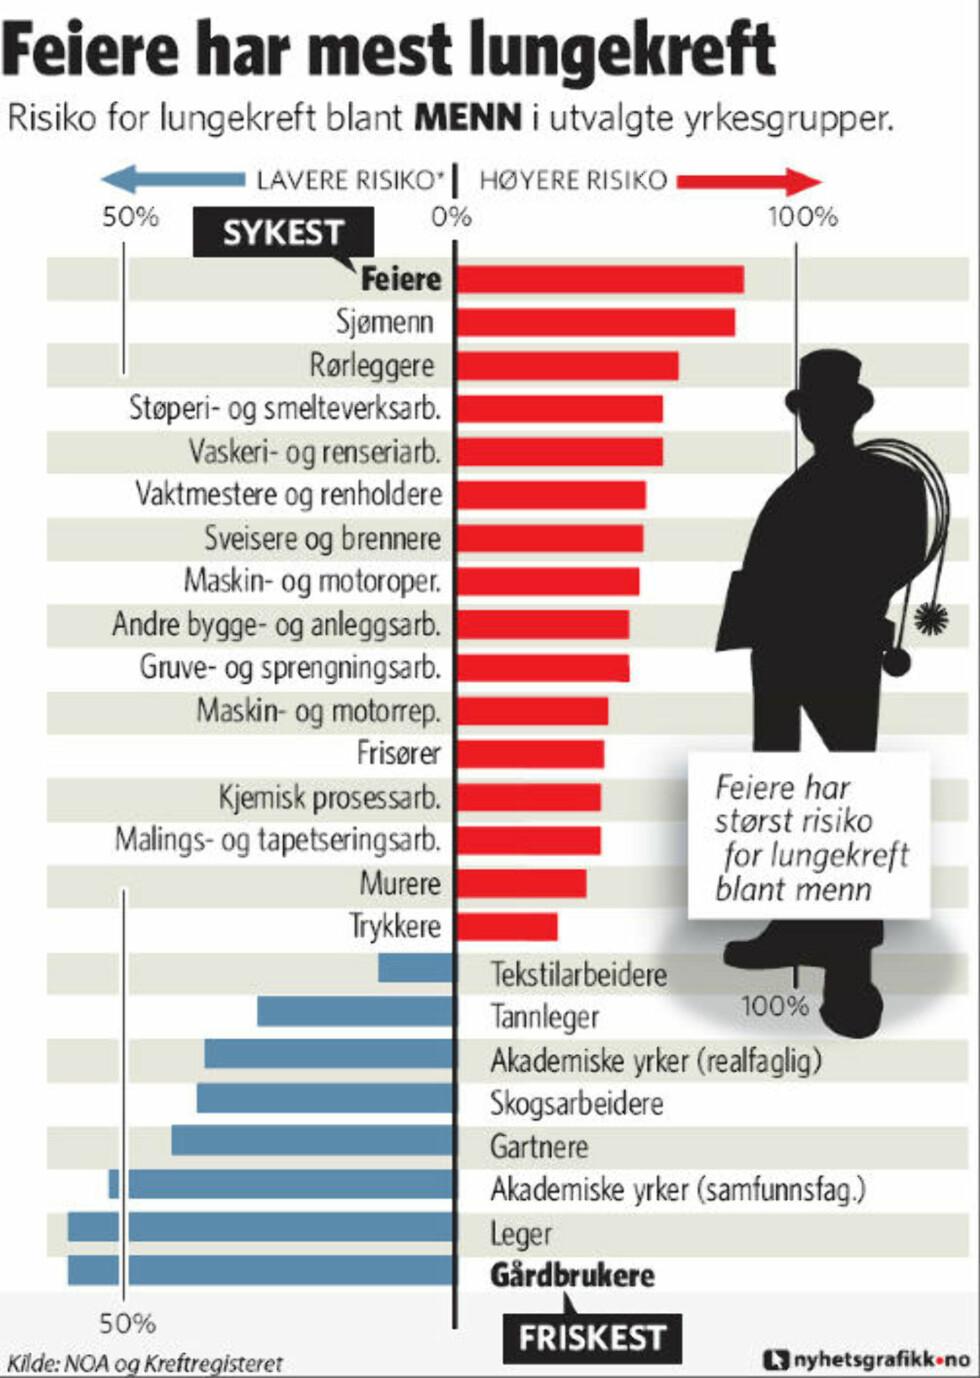 Her er yrkene med høyest og lavest lungekreftrisiko